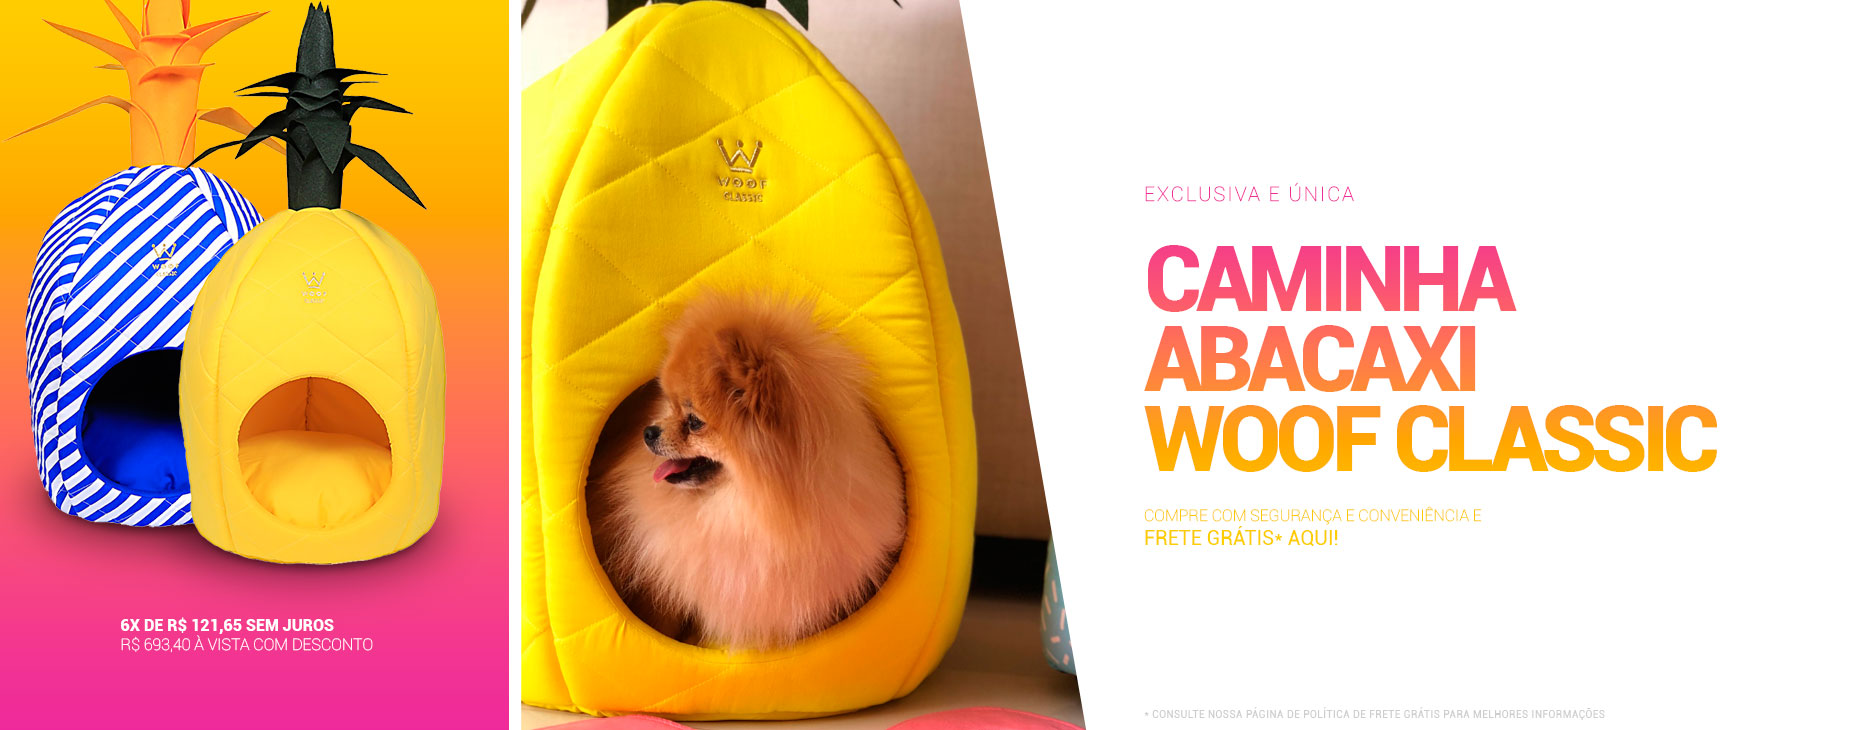 Cama ABACAXI WOOF: especial e exclusiva! Mais detalhes aqui.